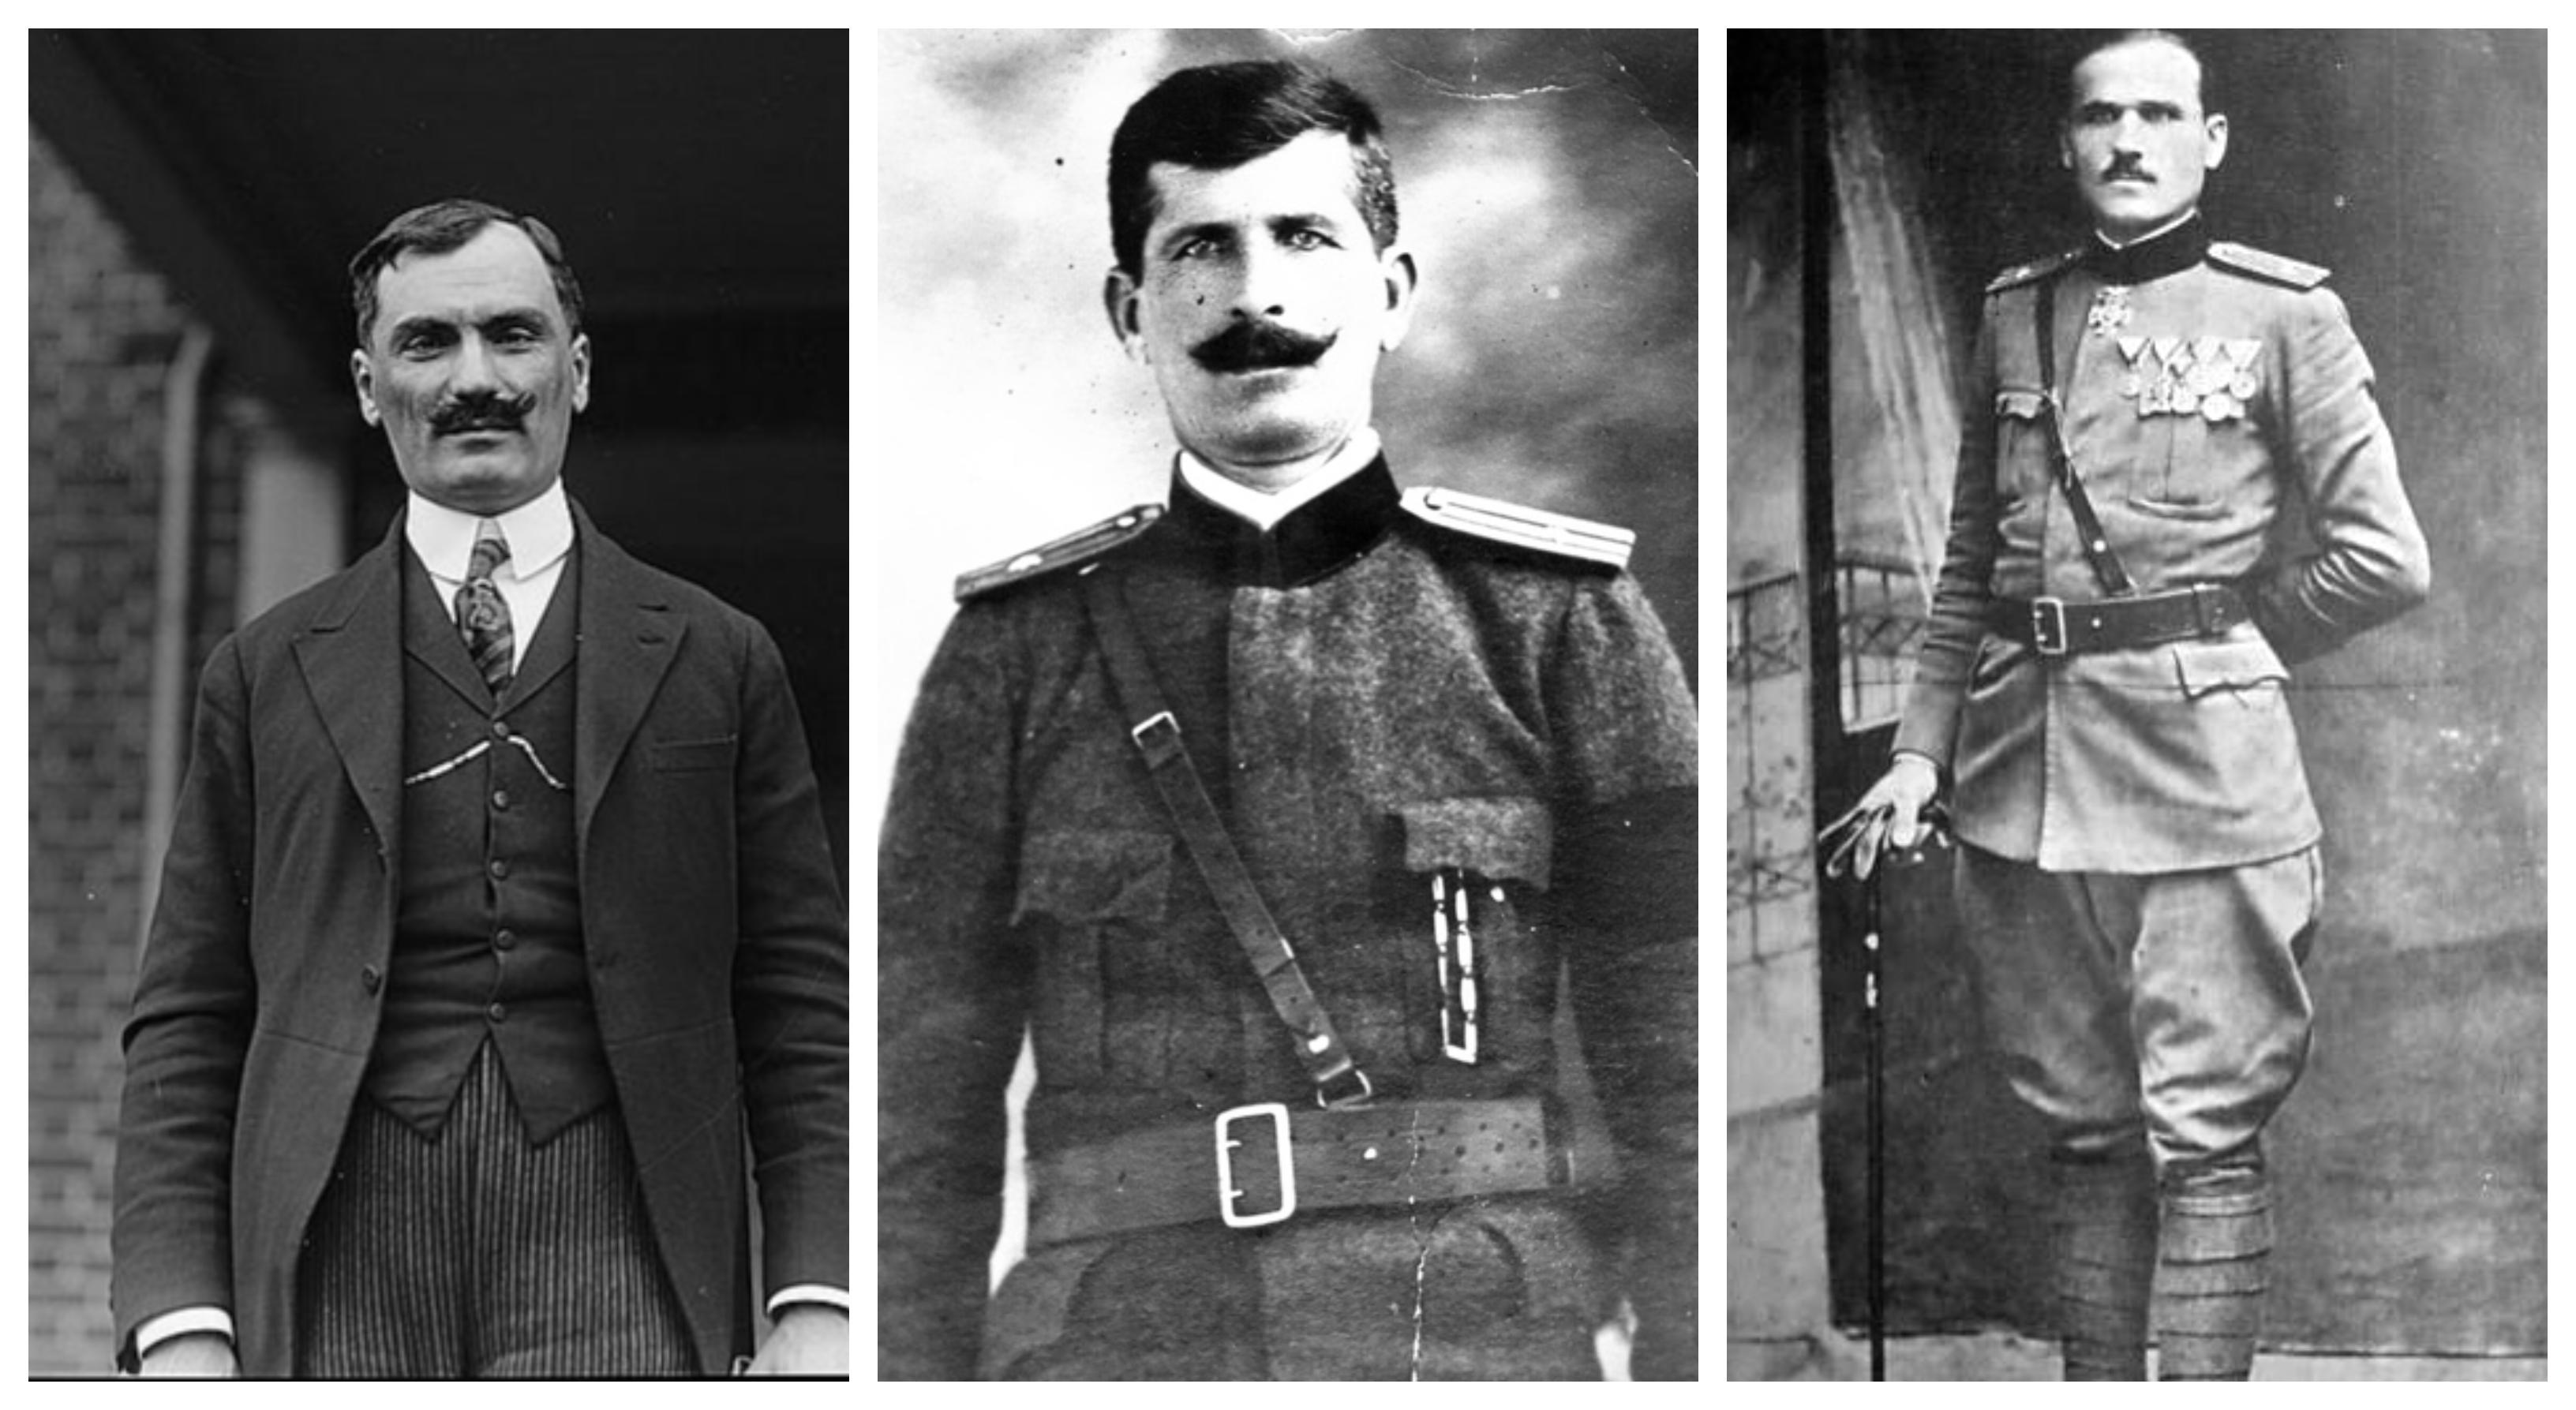 O velikosrpskim okupacionim zločinima nad Crnom Gorom i Crnogorcima (1919)